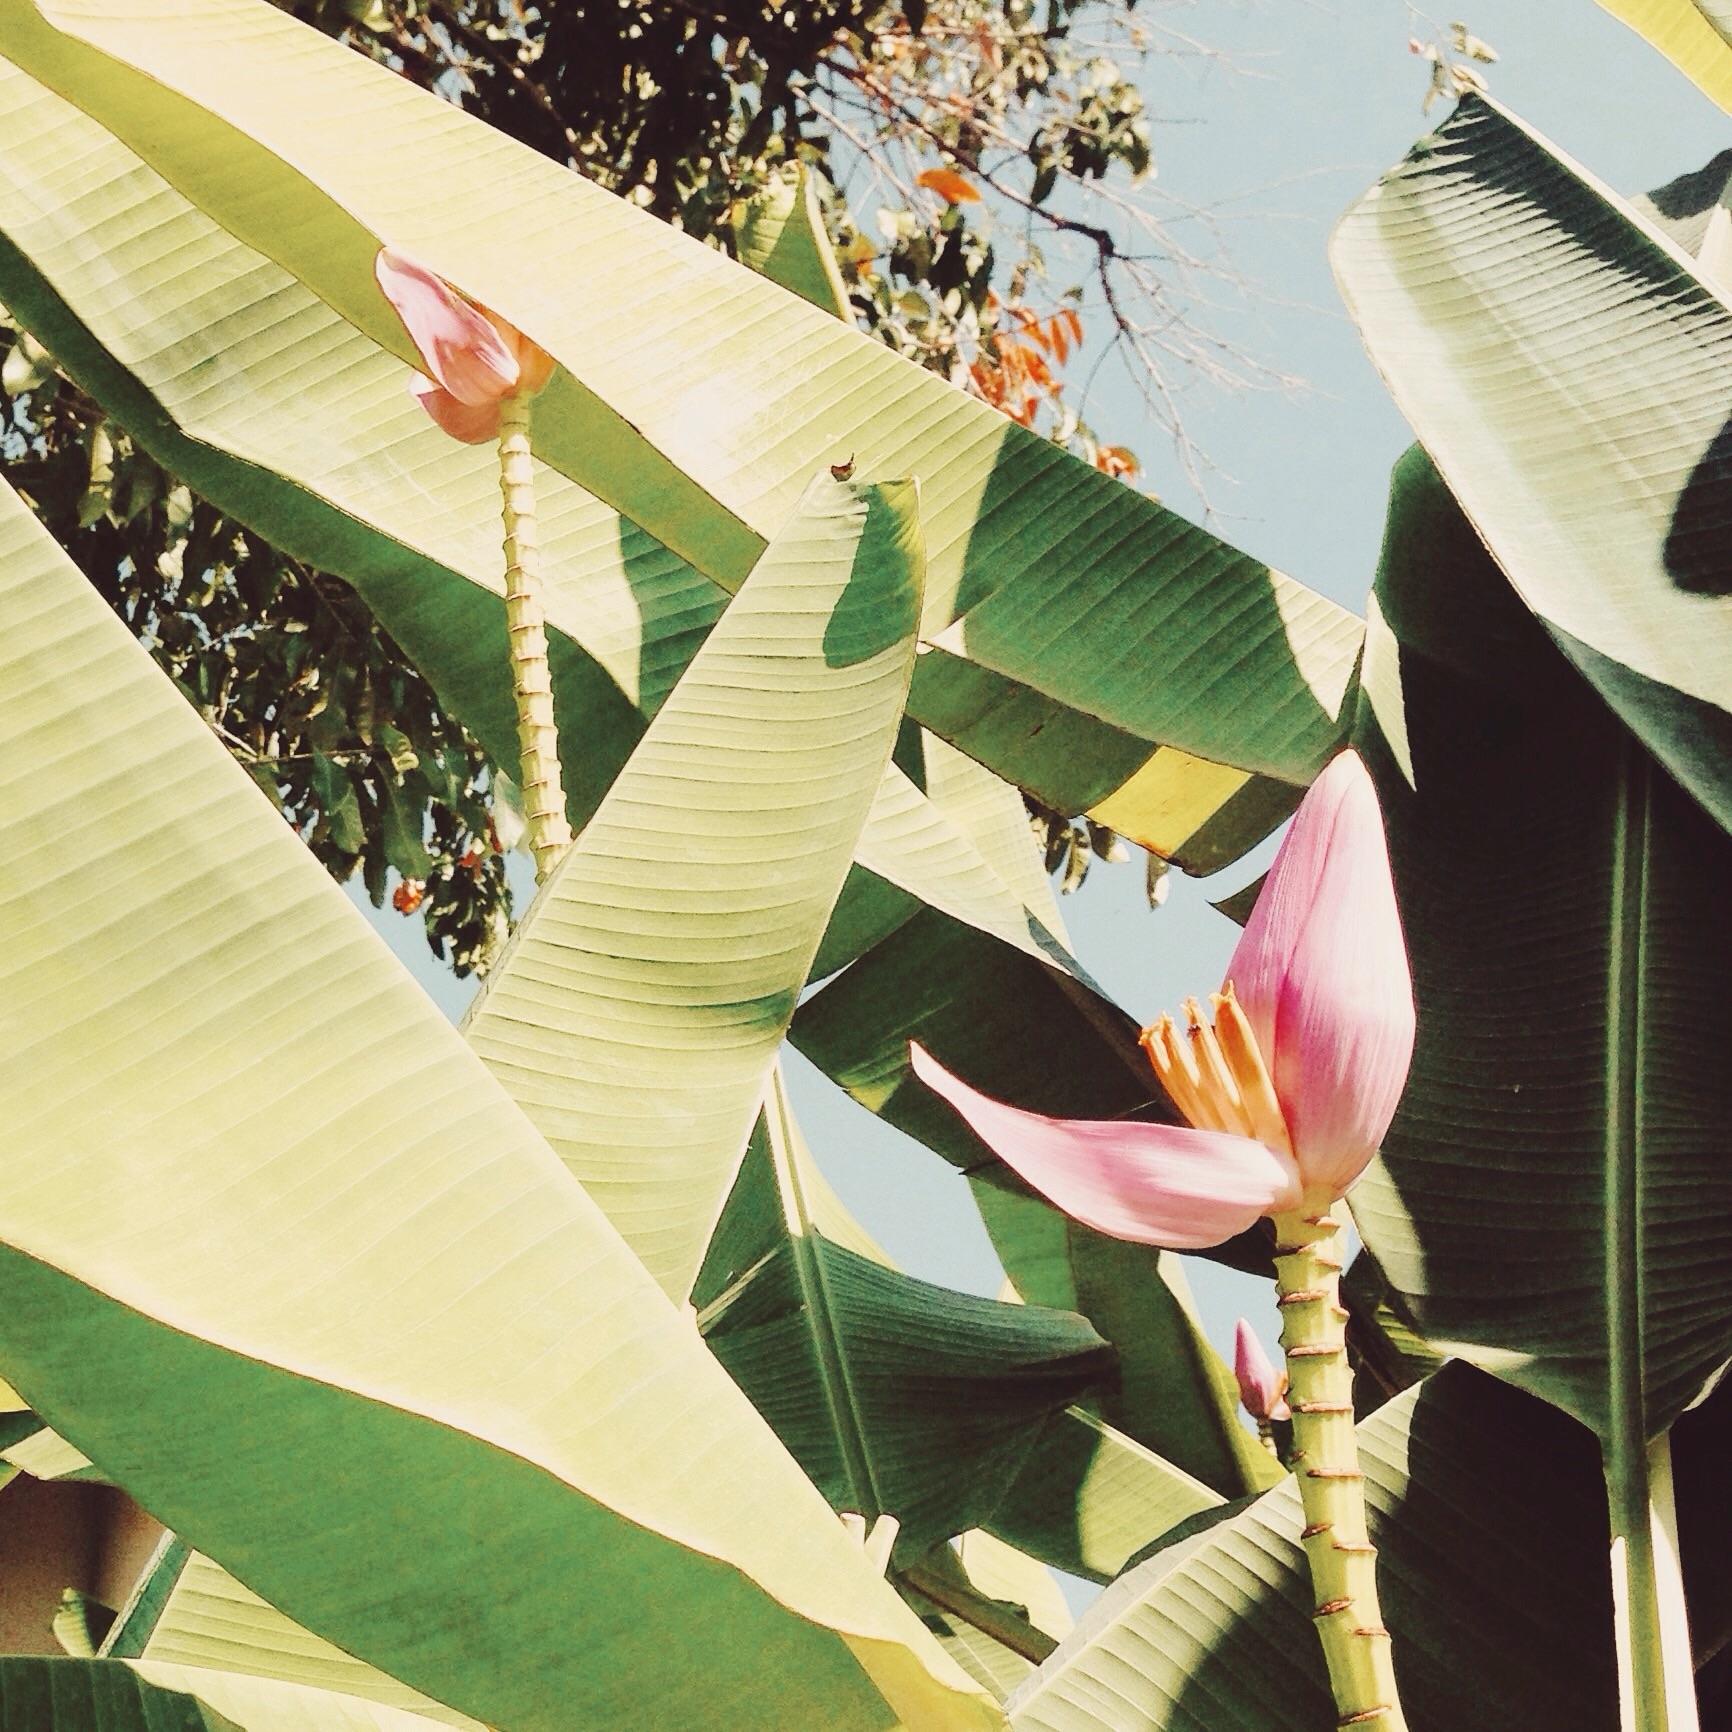 növény levél növényen virág tavaszi zöld szín növénytan növényvilág művészet c4c7af2874